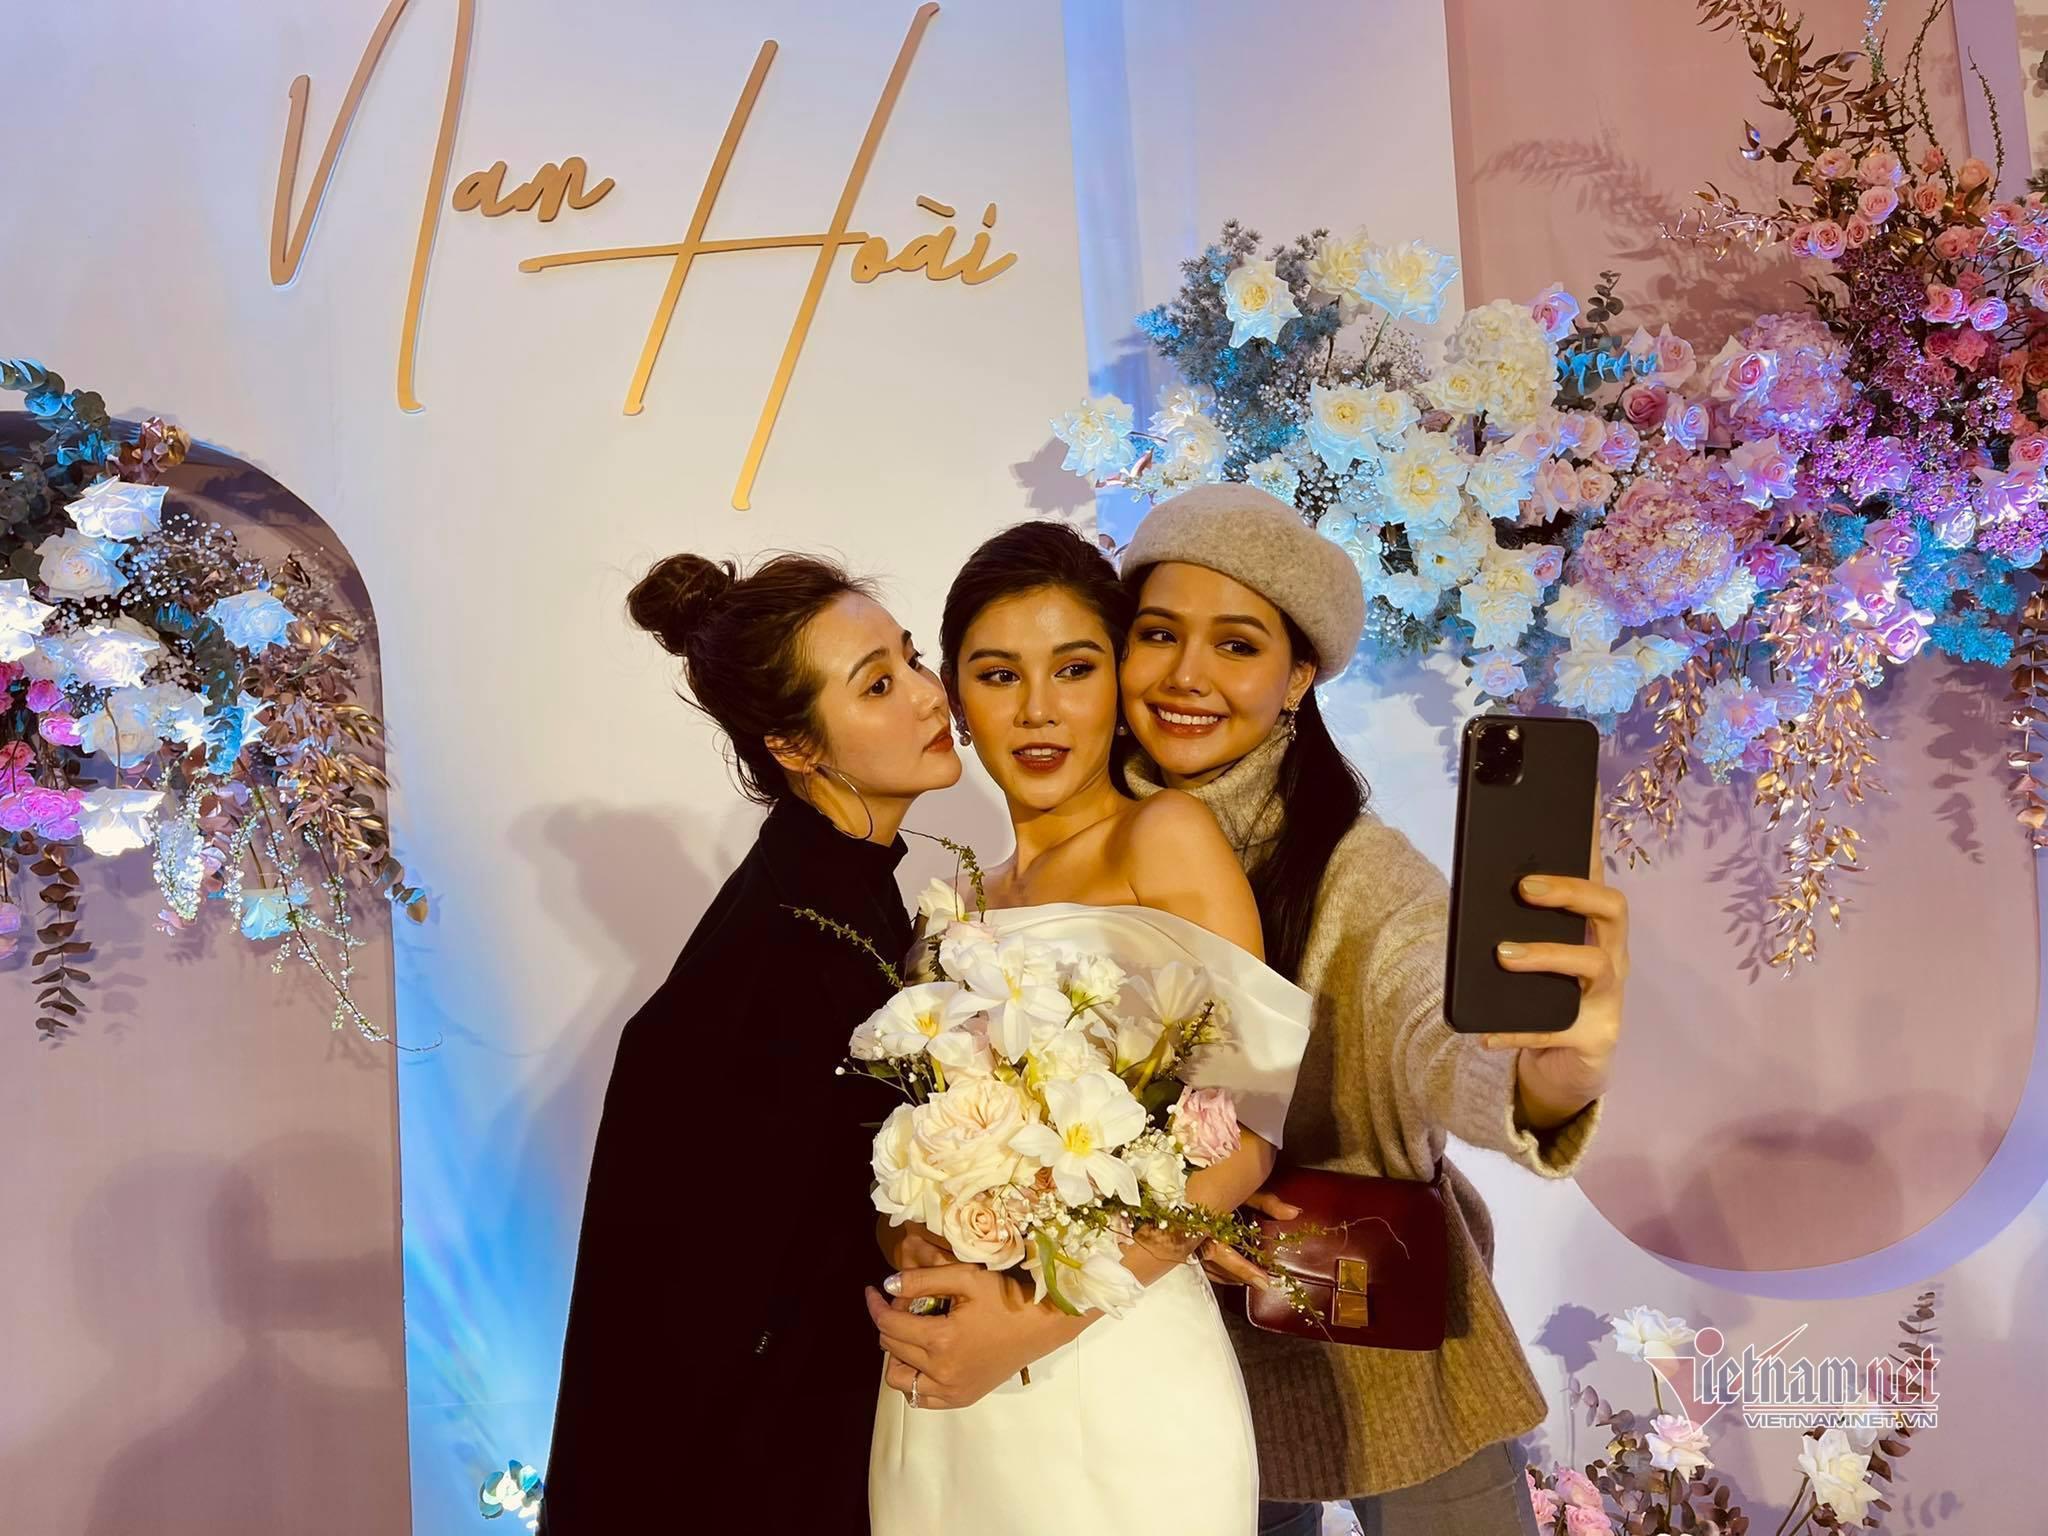 Dàn diễn viên hot nhất màn ảnh VTV dự đám cưới MC Vũ Thu Hoài